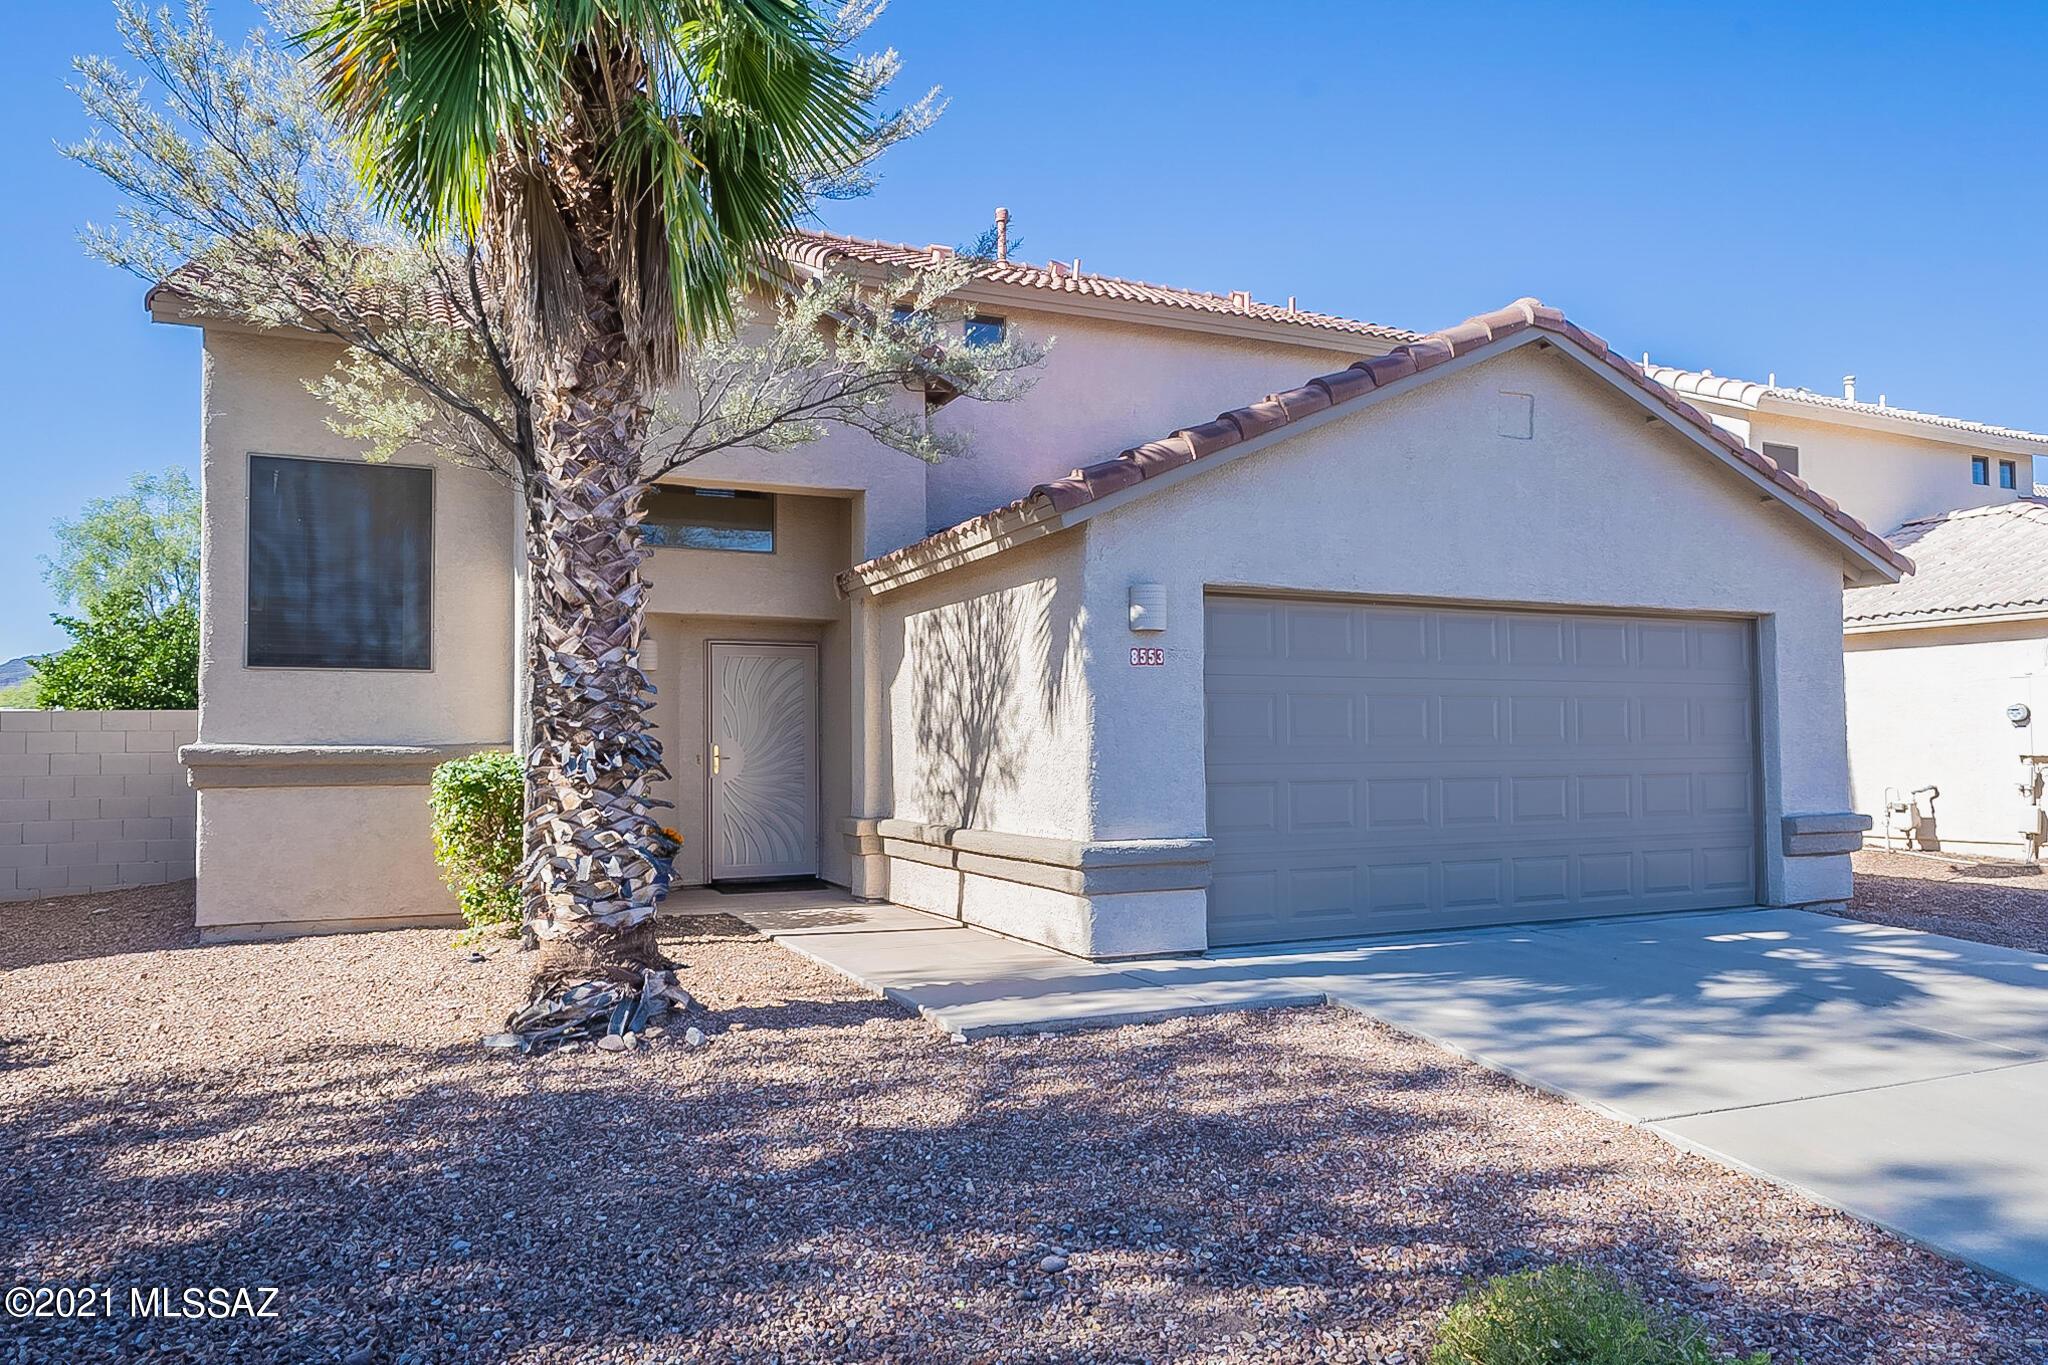 8553 N Cantora Way, Tucson, AZ 85743